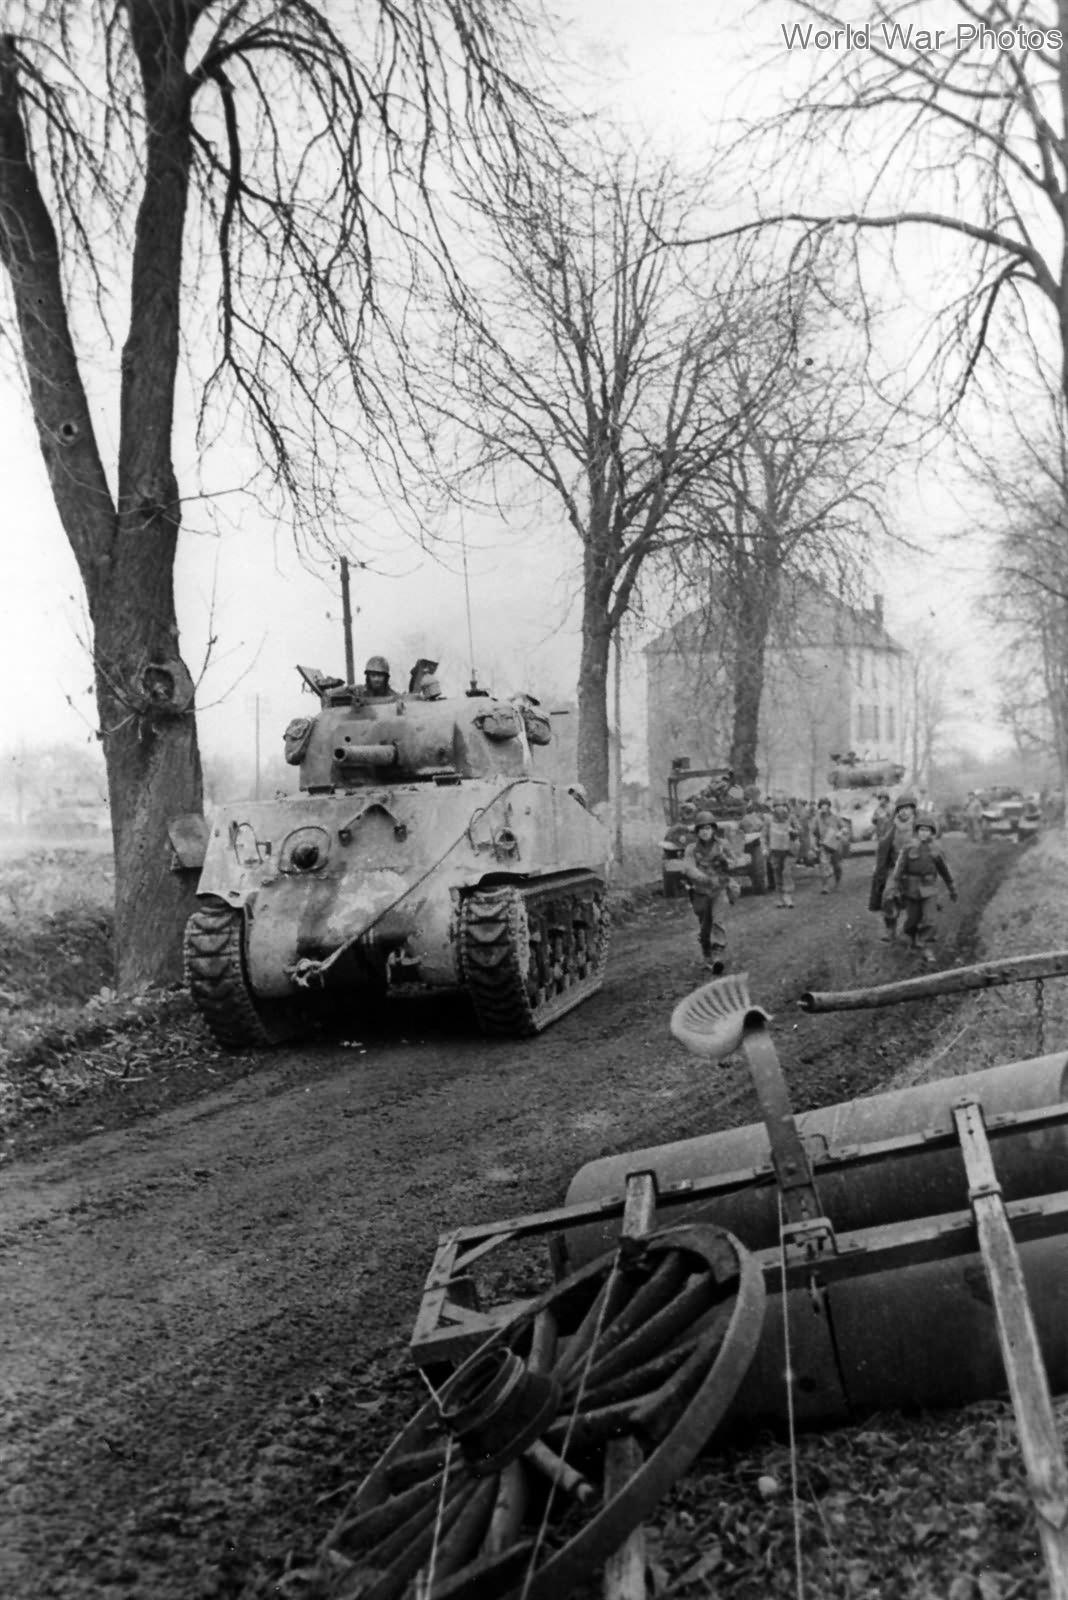 3rd Army M4 Sherman in Metz 18 November 1944 | World War Photos